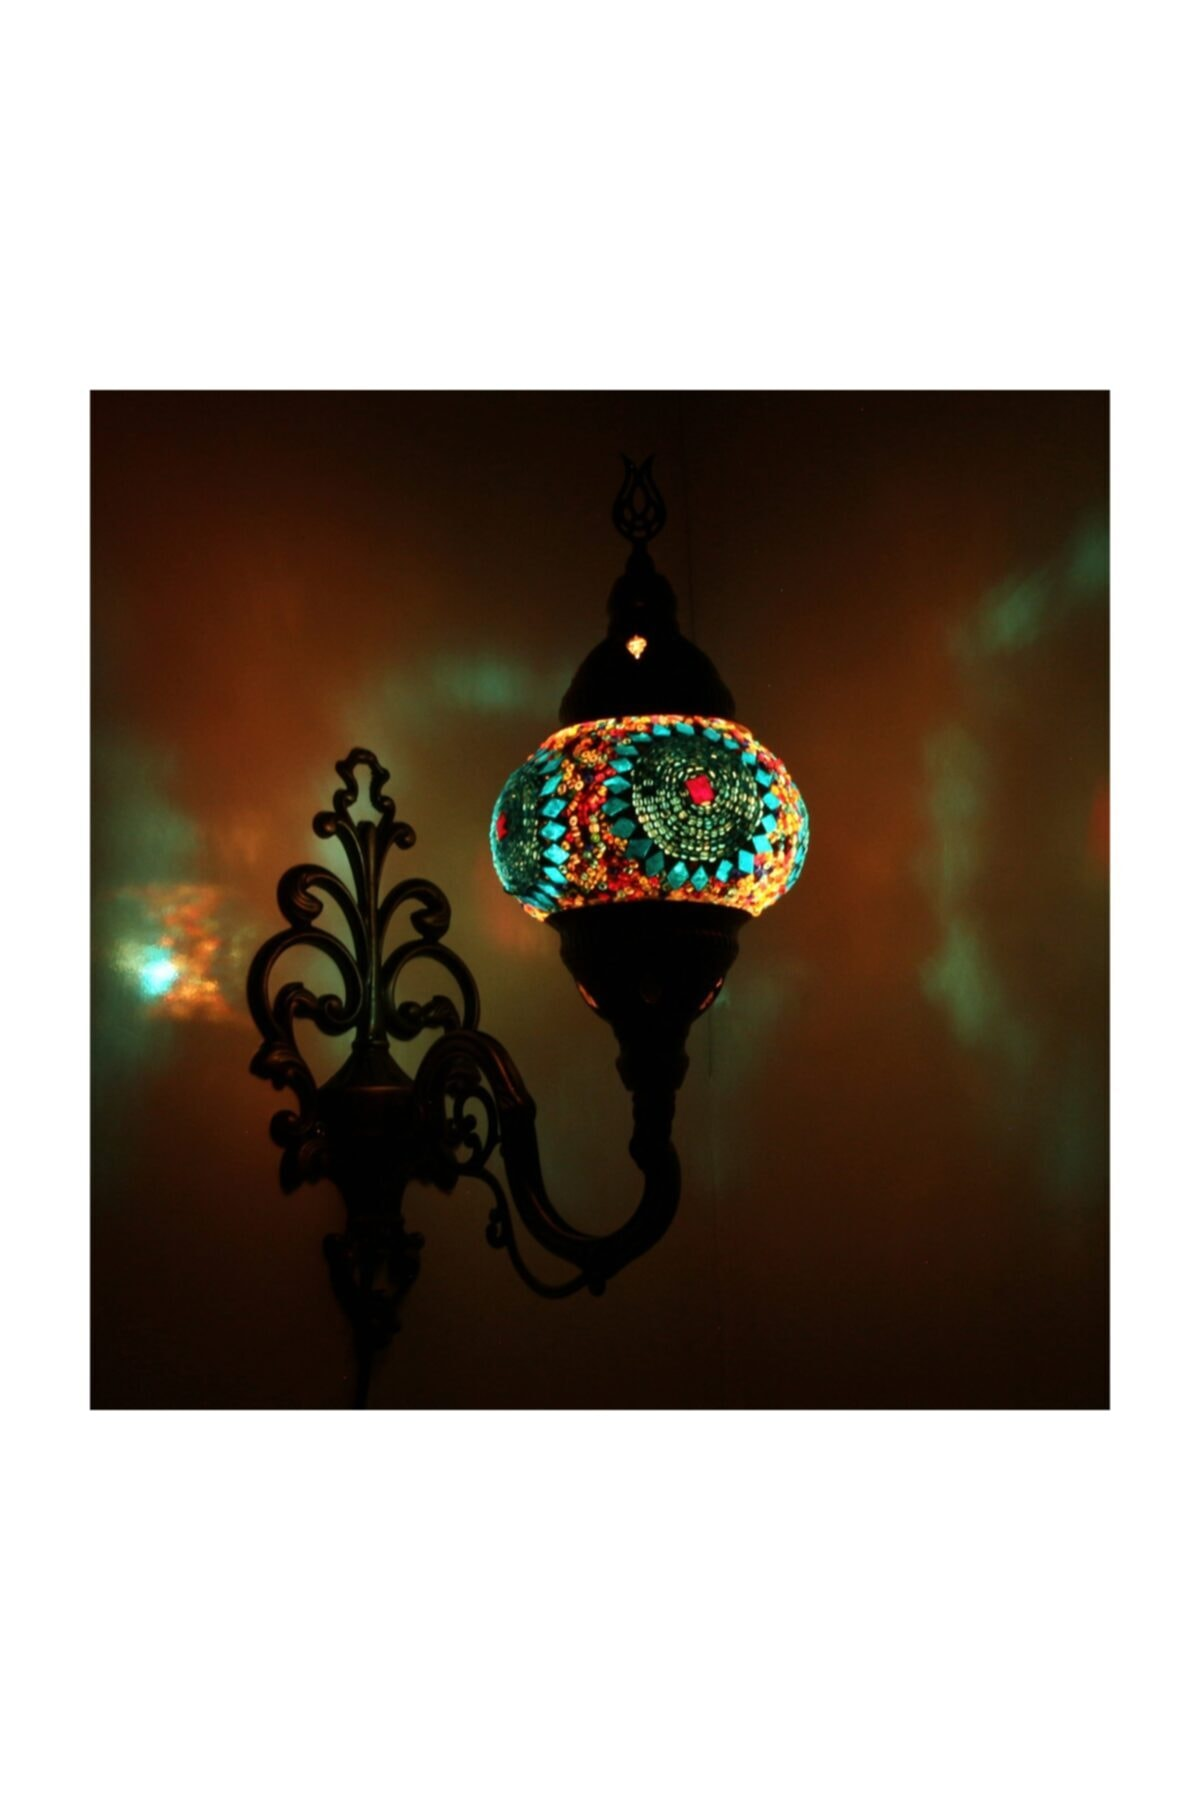 Karalp Mozaik Otantik Mozaik Aplik Dekoratif Mozaik Lamba Fiyatı, Yorumları  - TRENDYOL